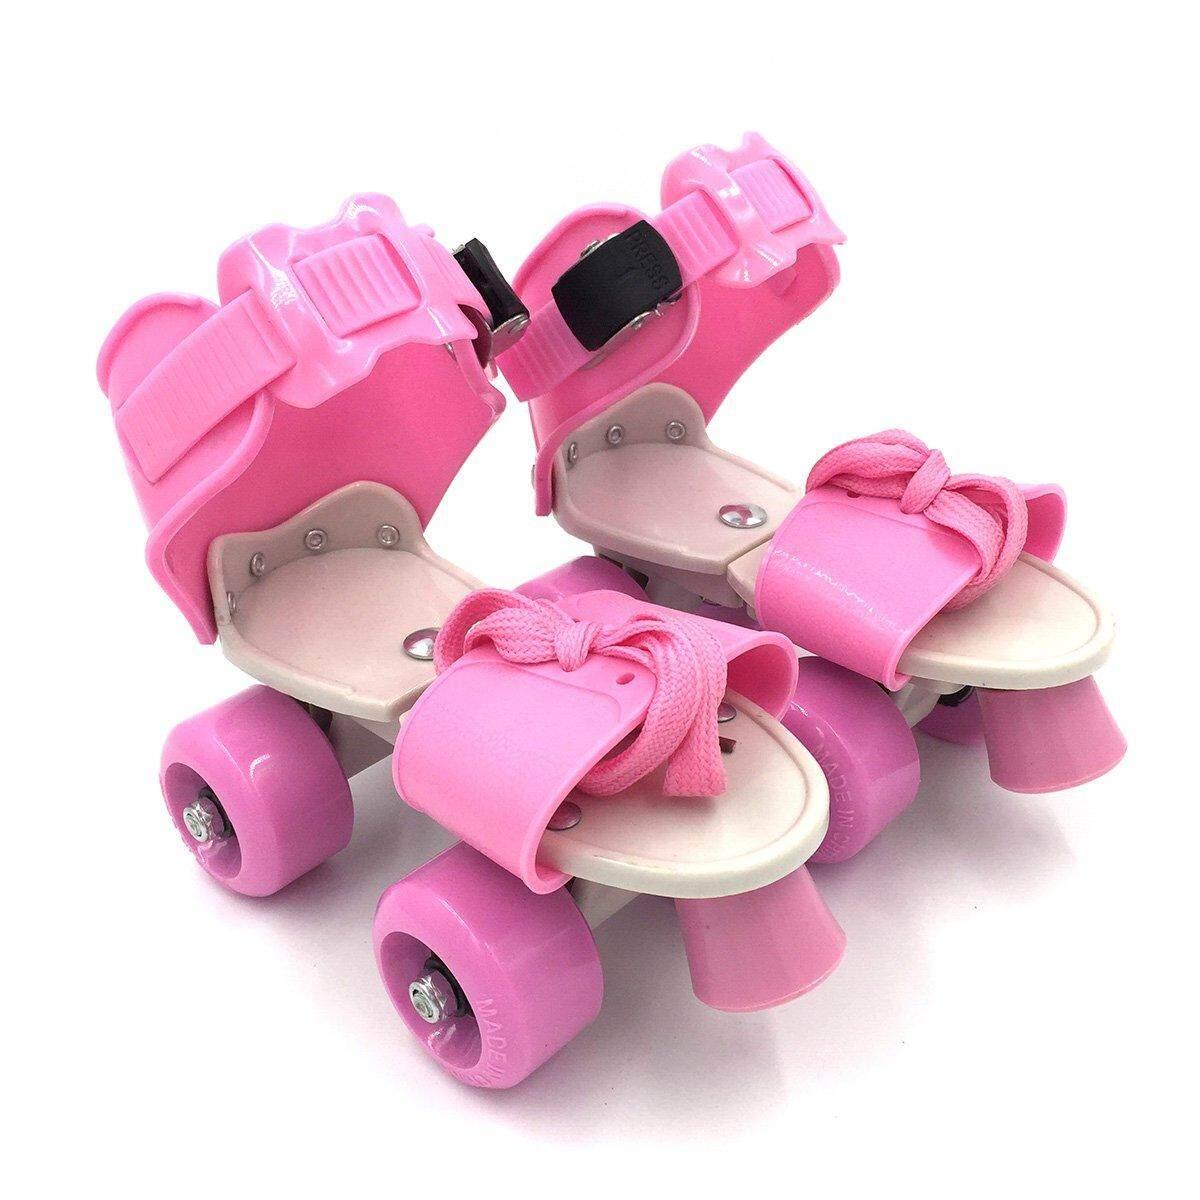 Giá bán Trẻ Em Trẻ Em Có Thể Điều Chỉnh Tốc Độ Quad Lăn Giày Cho 3-6 Lứa Tuổi Bé Trai Bé Gái